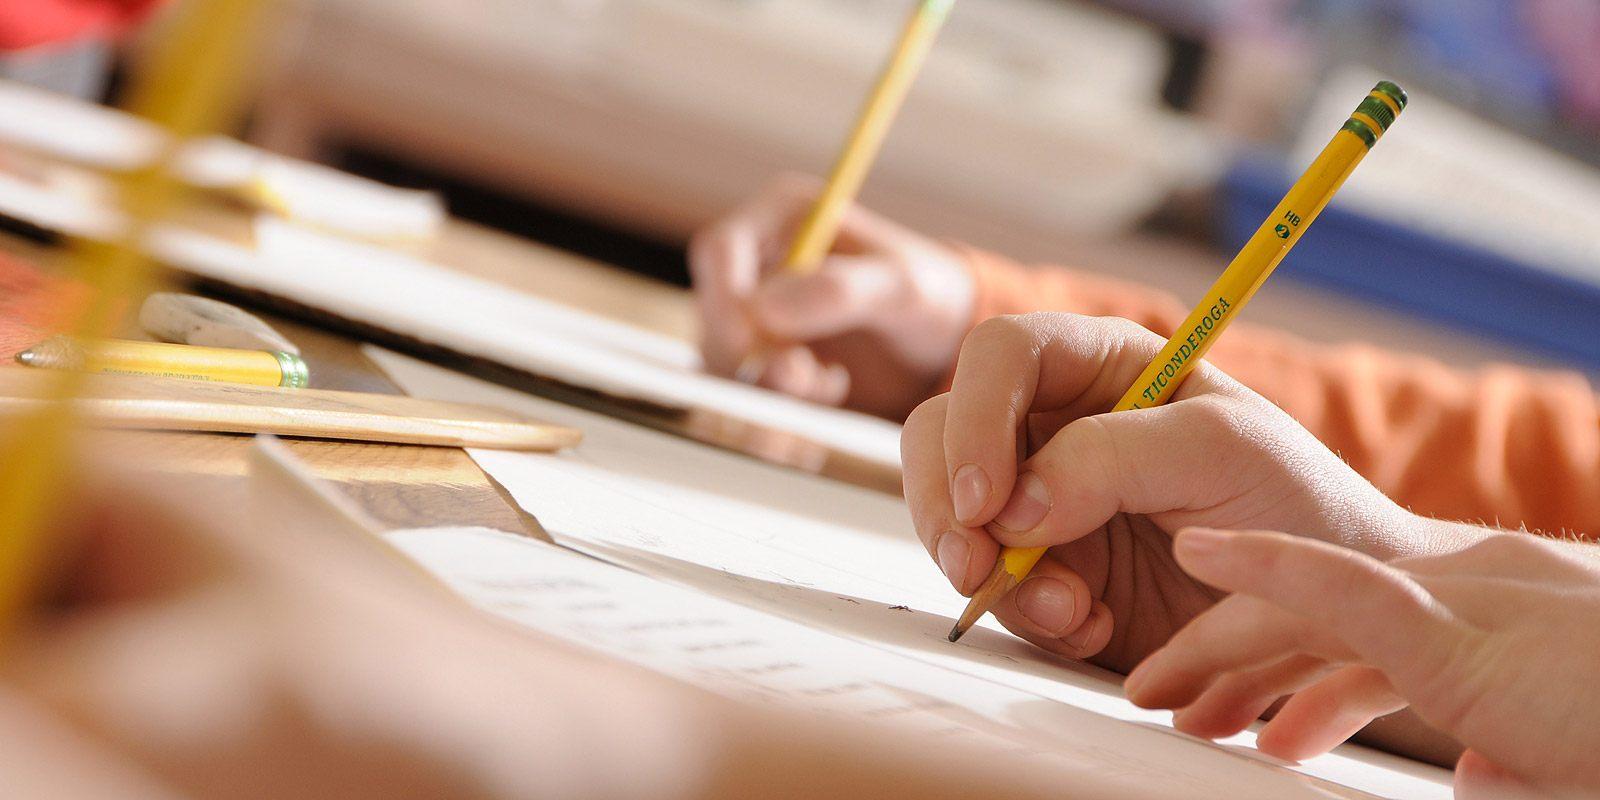 applicare sanzioni disciplinari a scuola